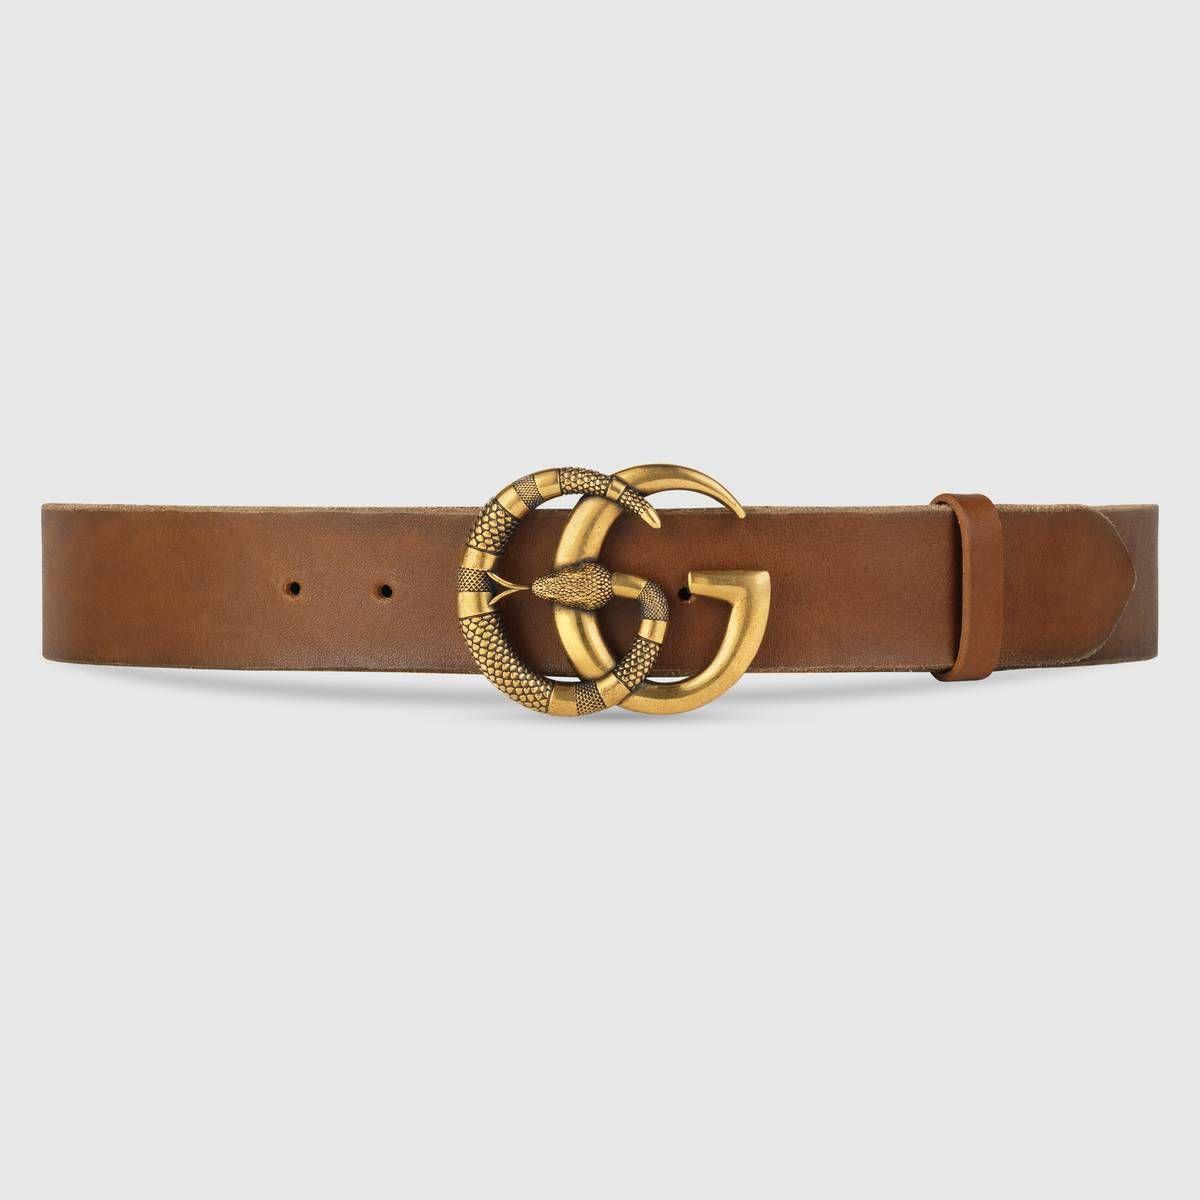 Gucci - Ceinture en cuir à boucle double G avec serpent   ceintures ... d5ba05d02ea